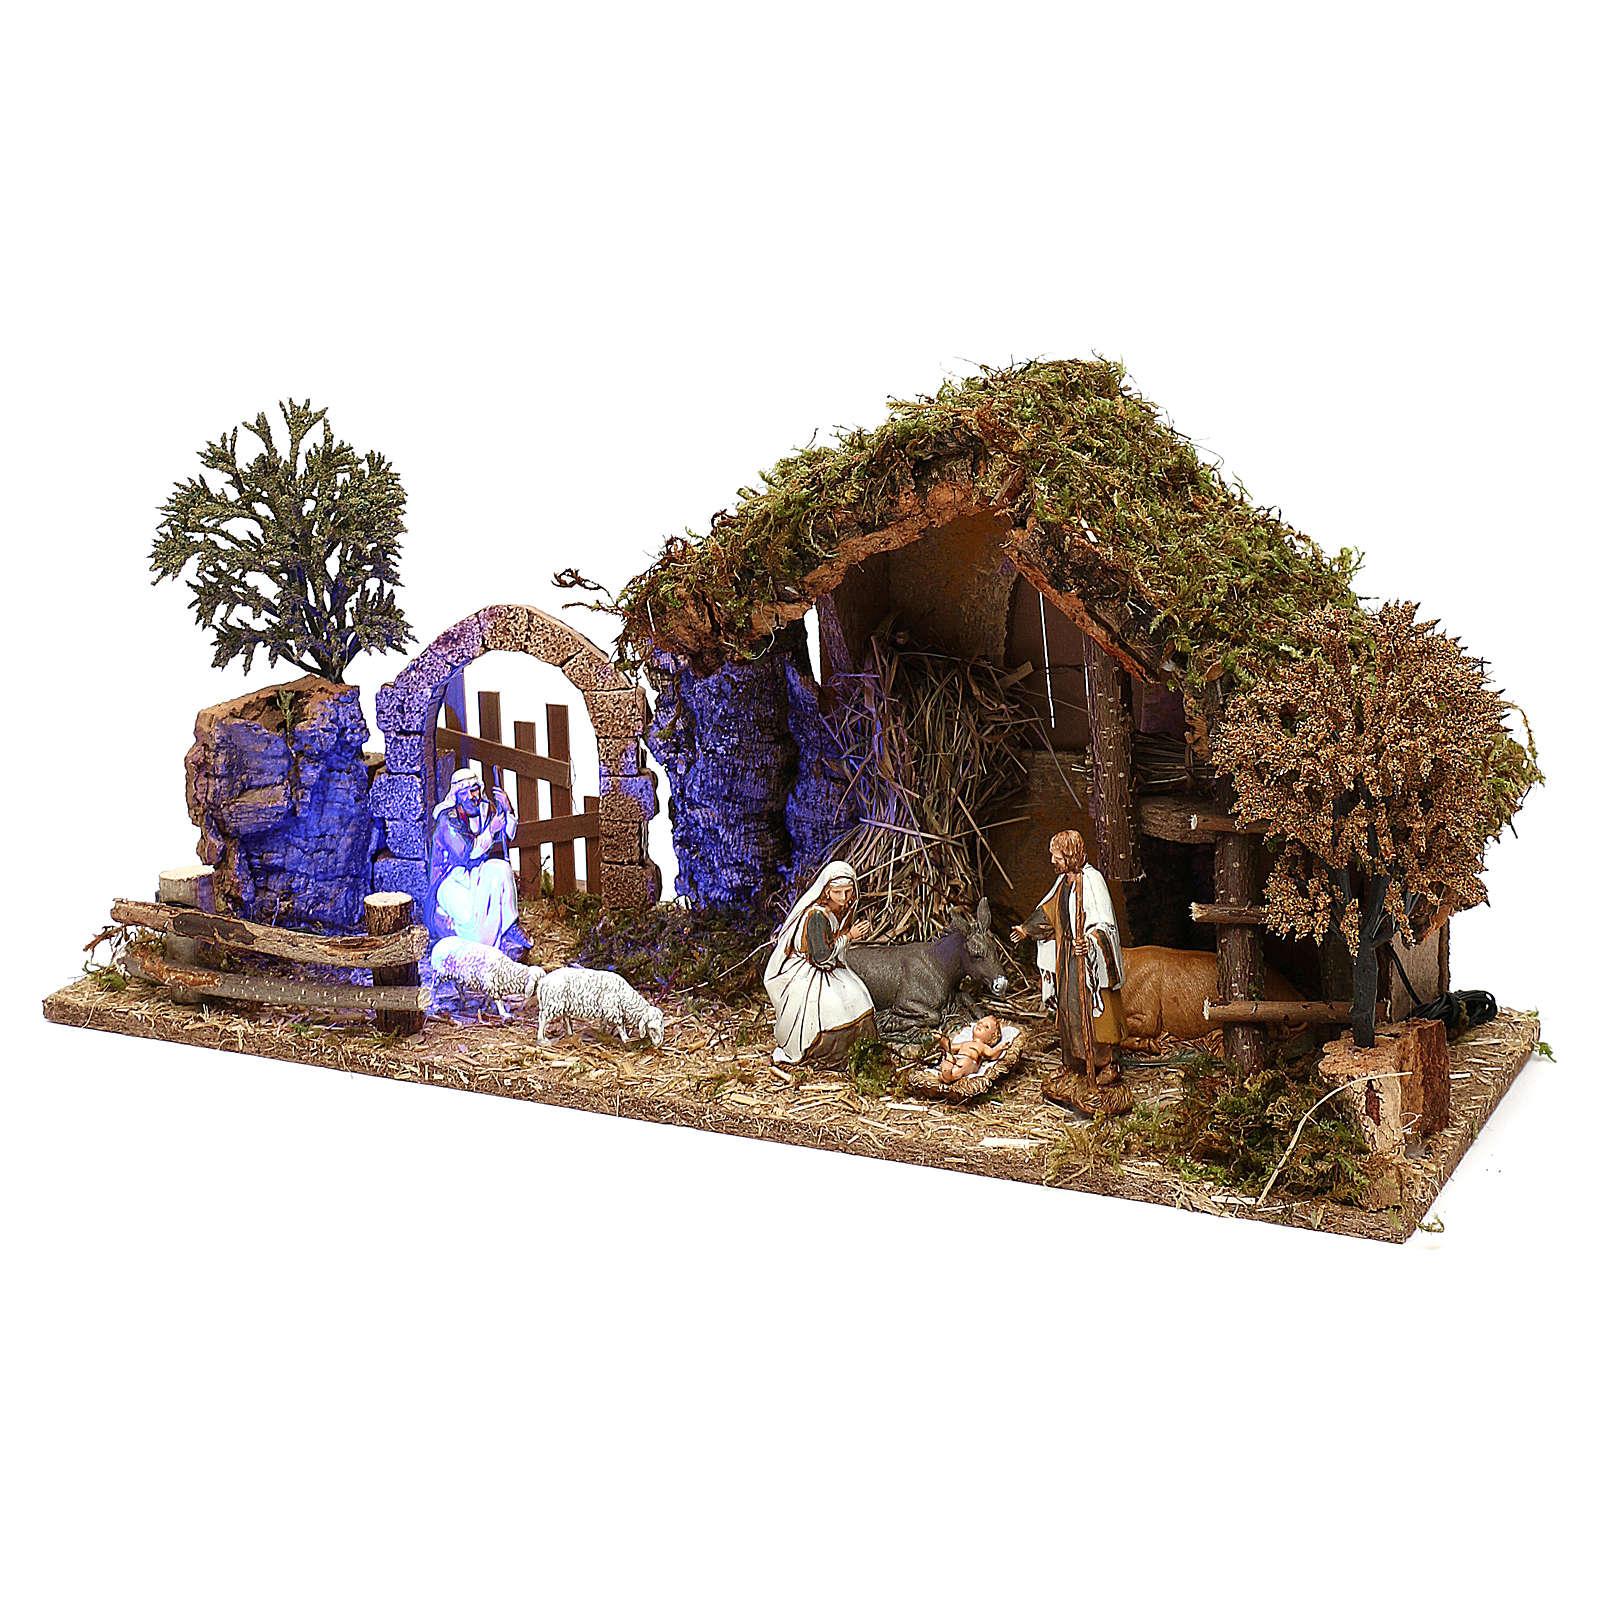 Cabaña con arco nocturno y natividad belén 10 cm Moranduzzo 4